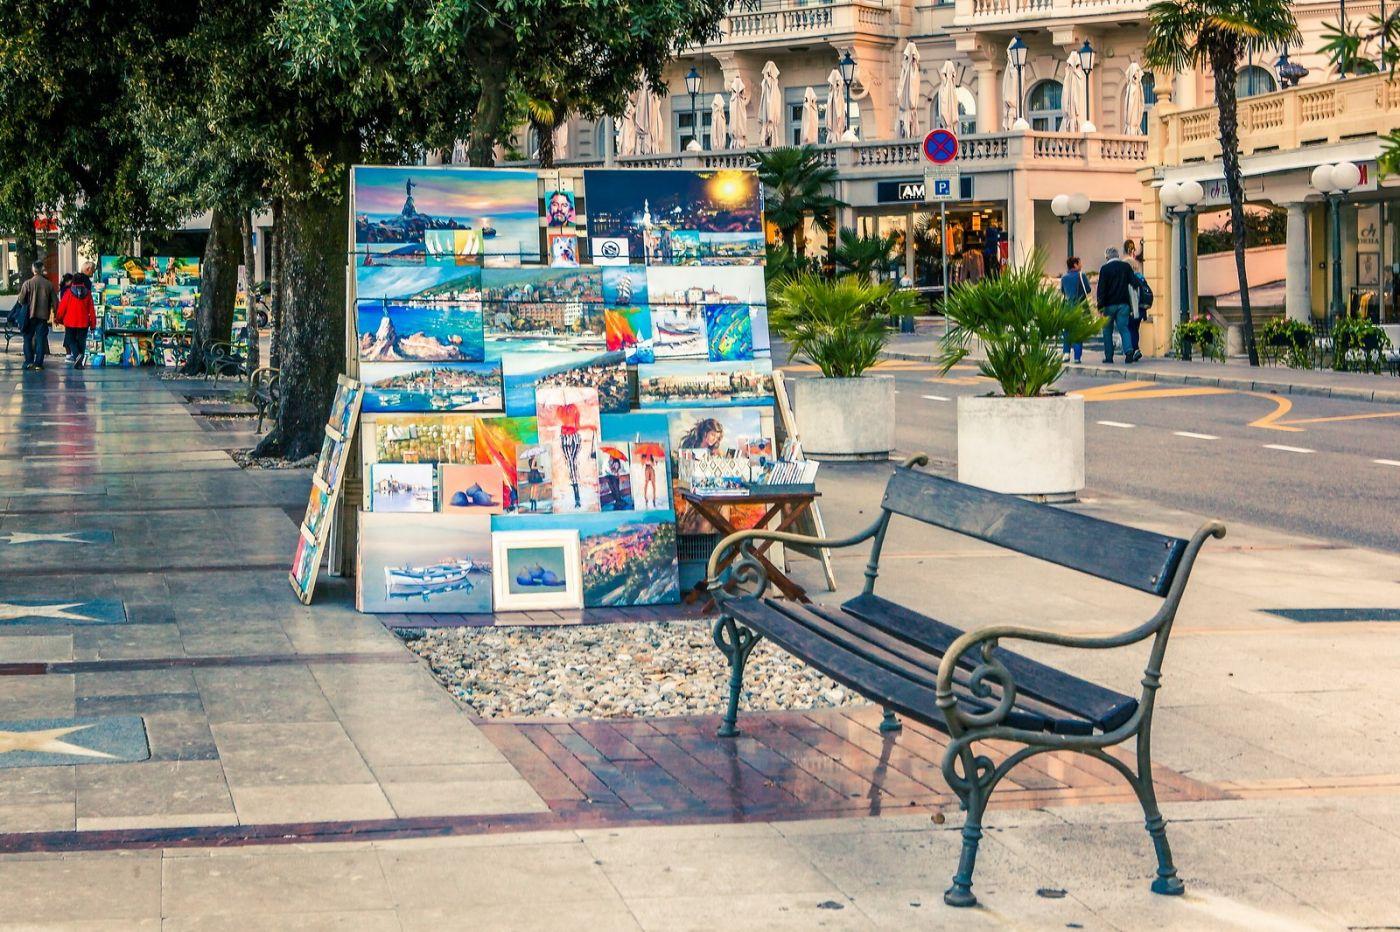 克罗地亚奥帕蒂亚(Opatija),洒满阳光的海滨城市_图1-28